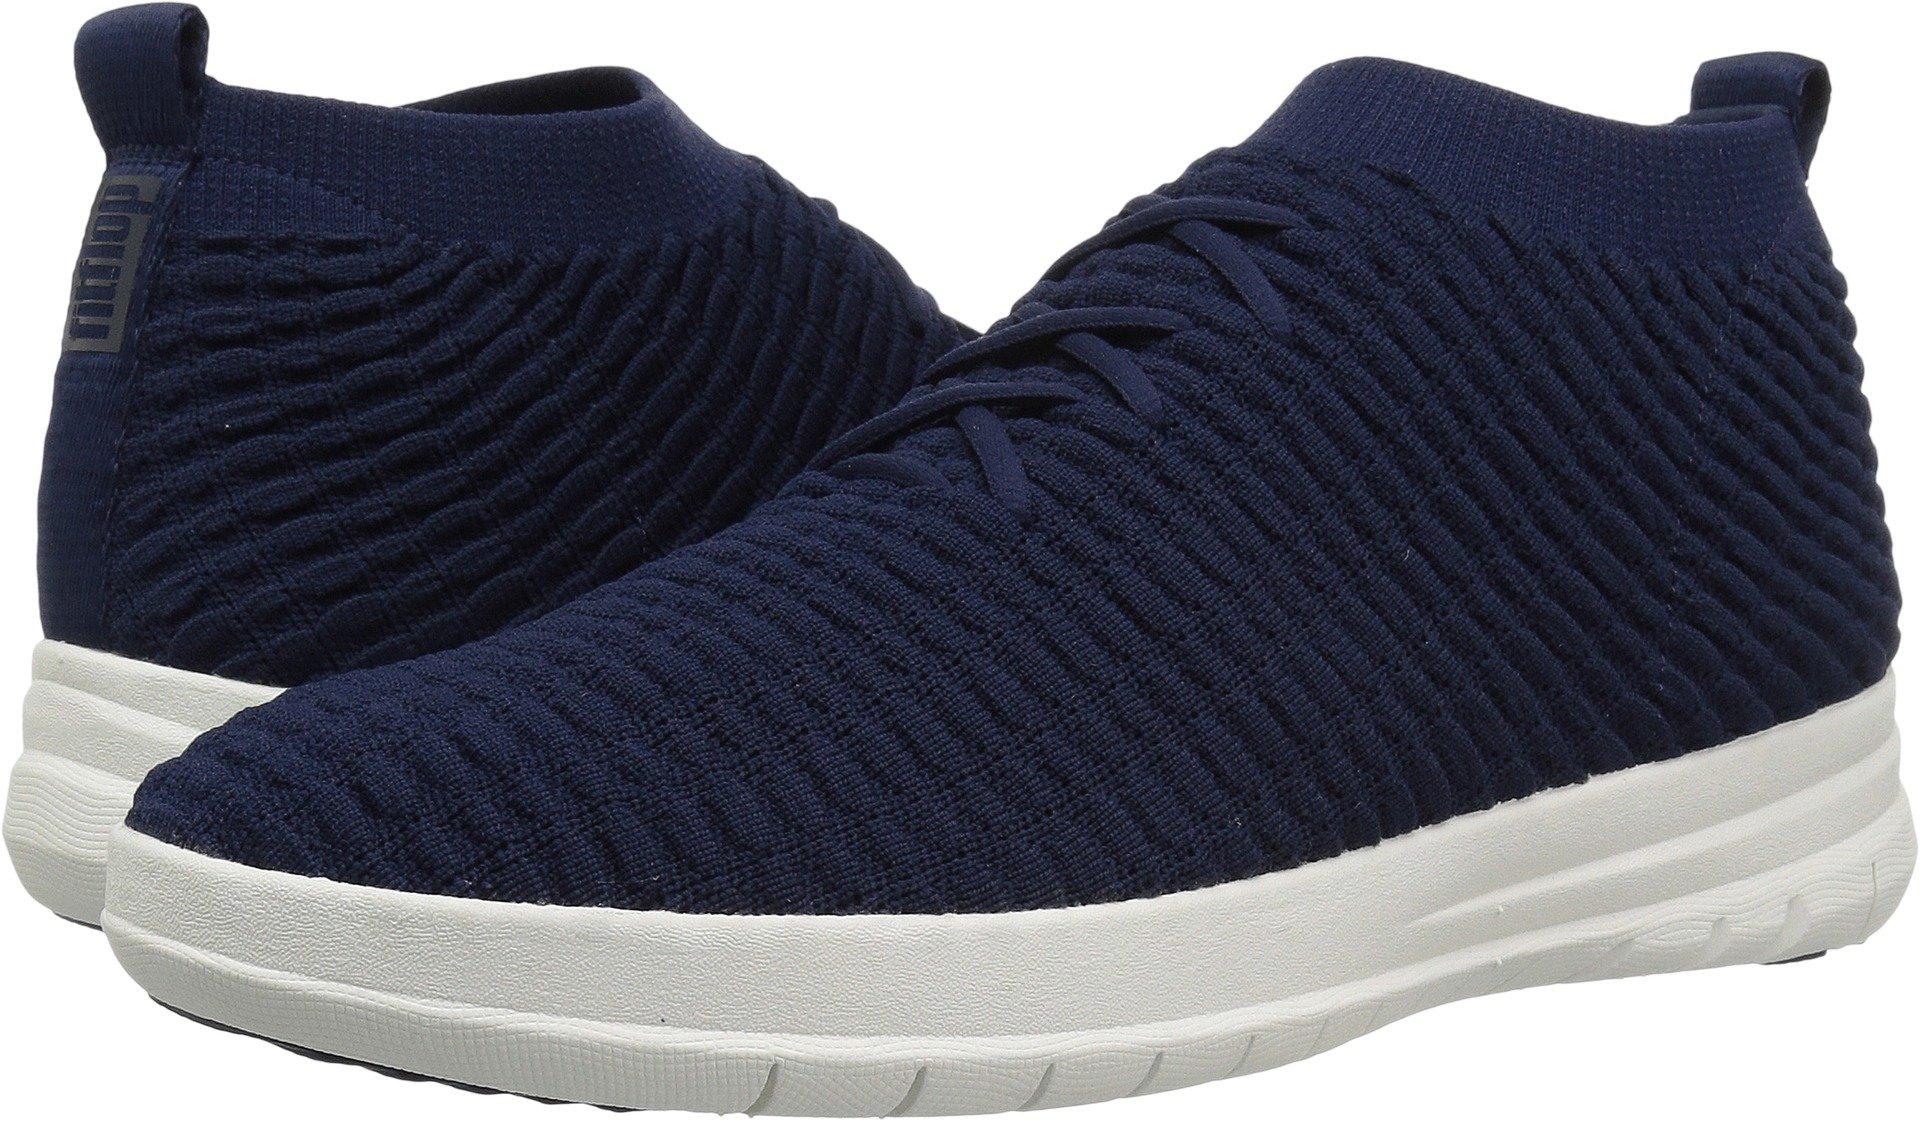 5bdef3877391 Galleon - FitFlop Men s Uberknit Slip-ON HIGH TOP Sneaker In Waffle Knit